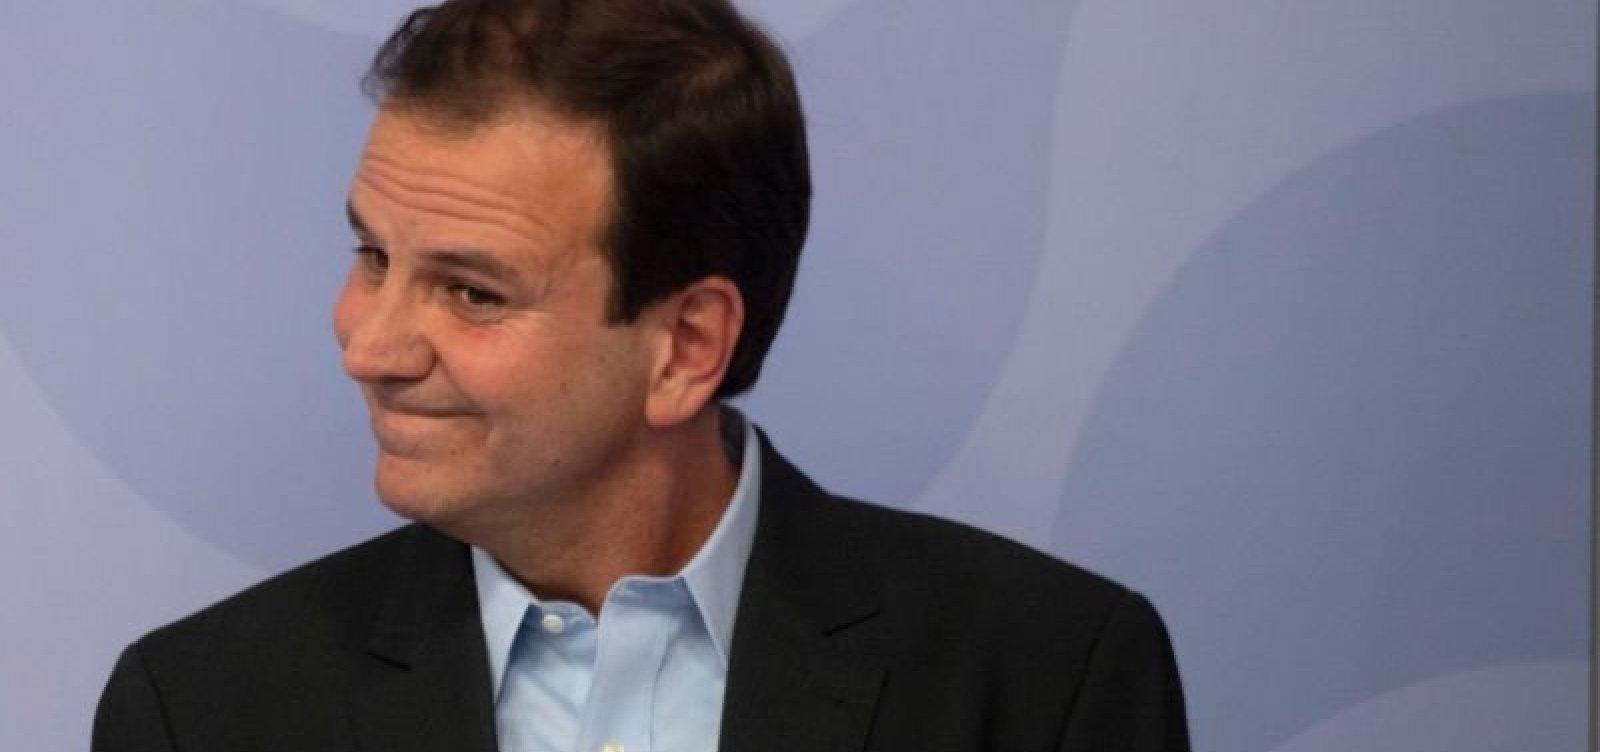 [Ex-prefeito do Rio, Eduardo Paes é alvo de mandados e vira réu por corrupção e lavagem de dinheiro]